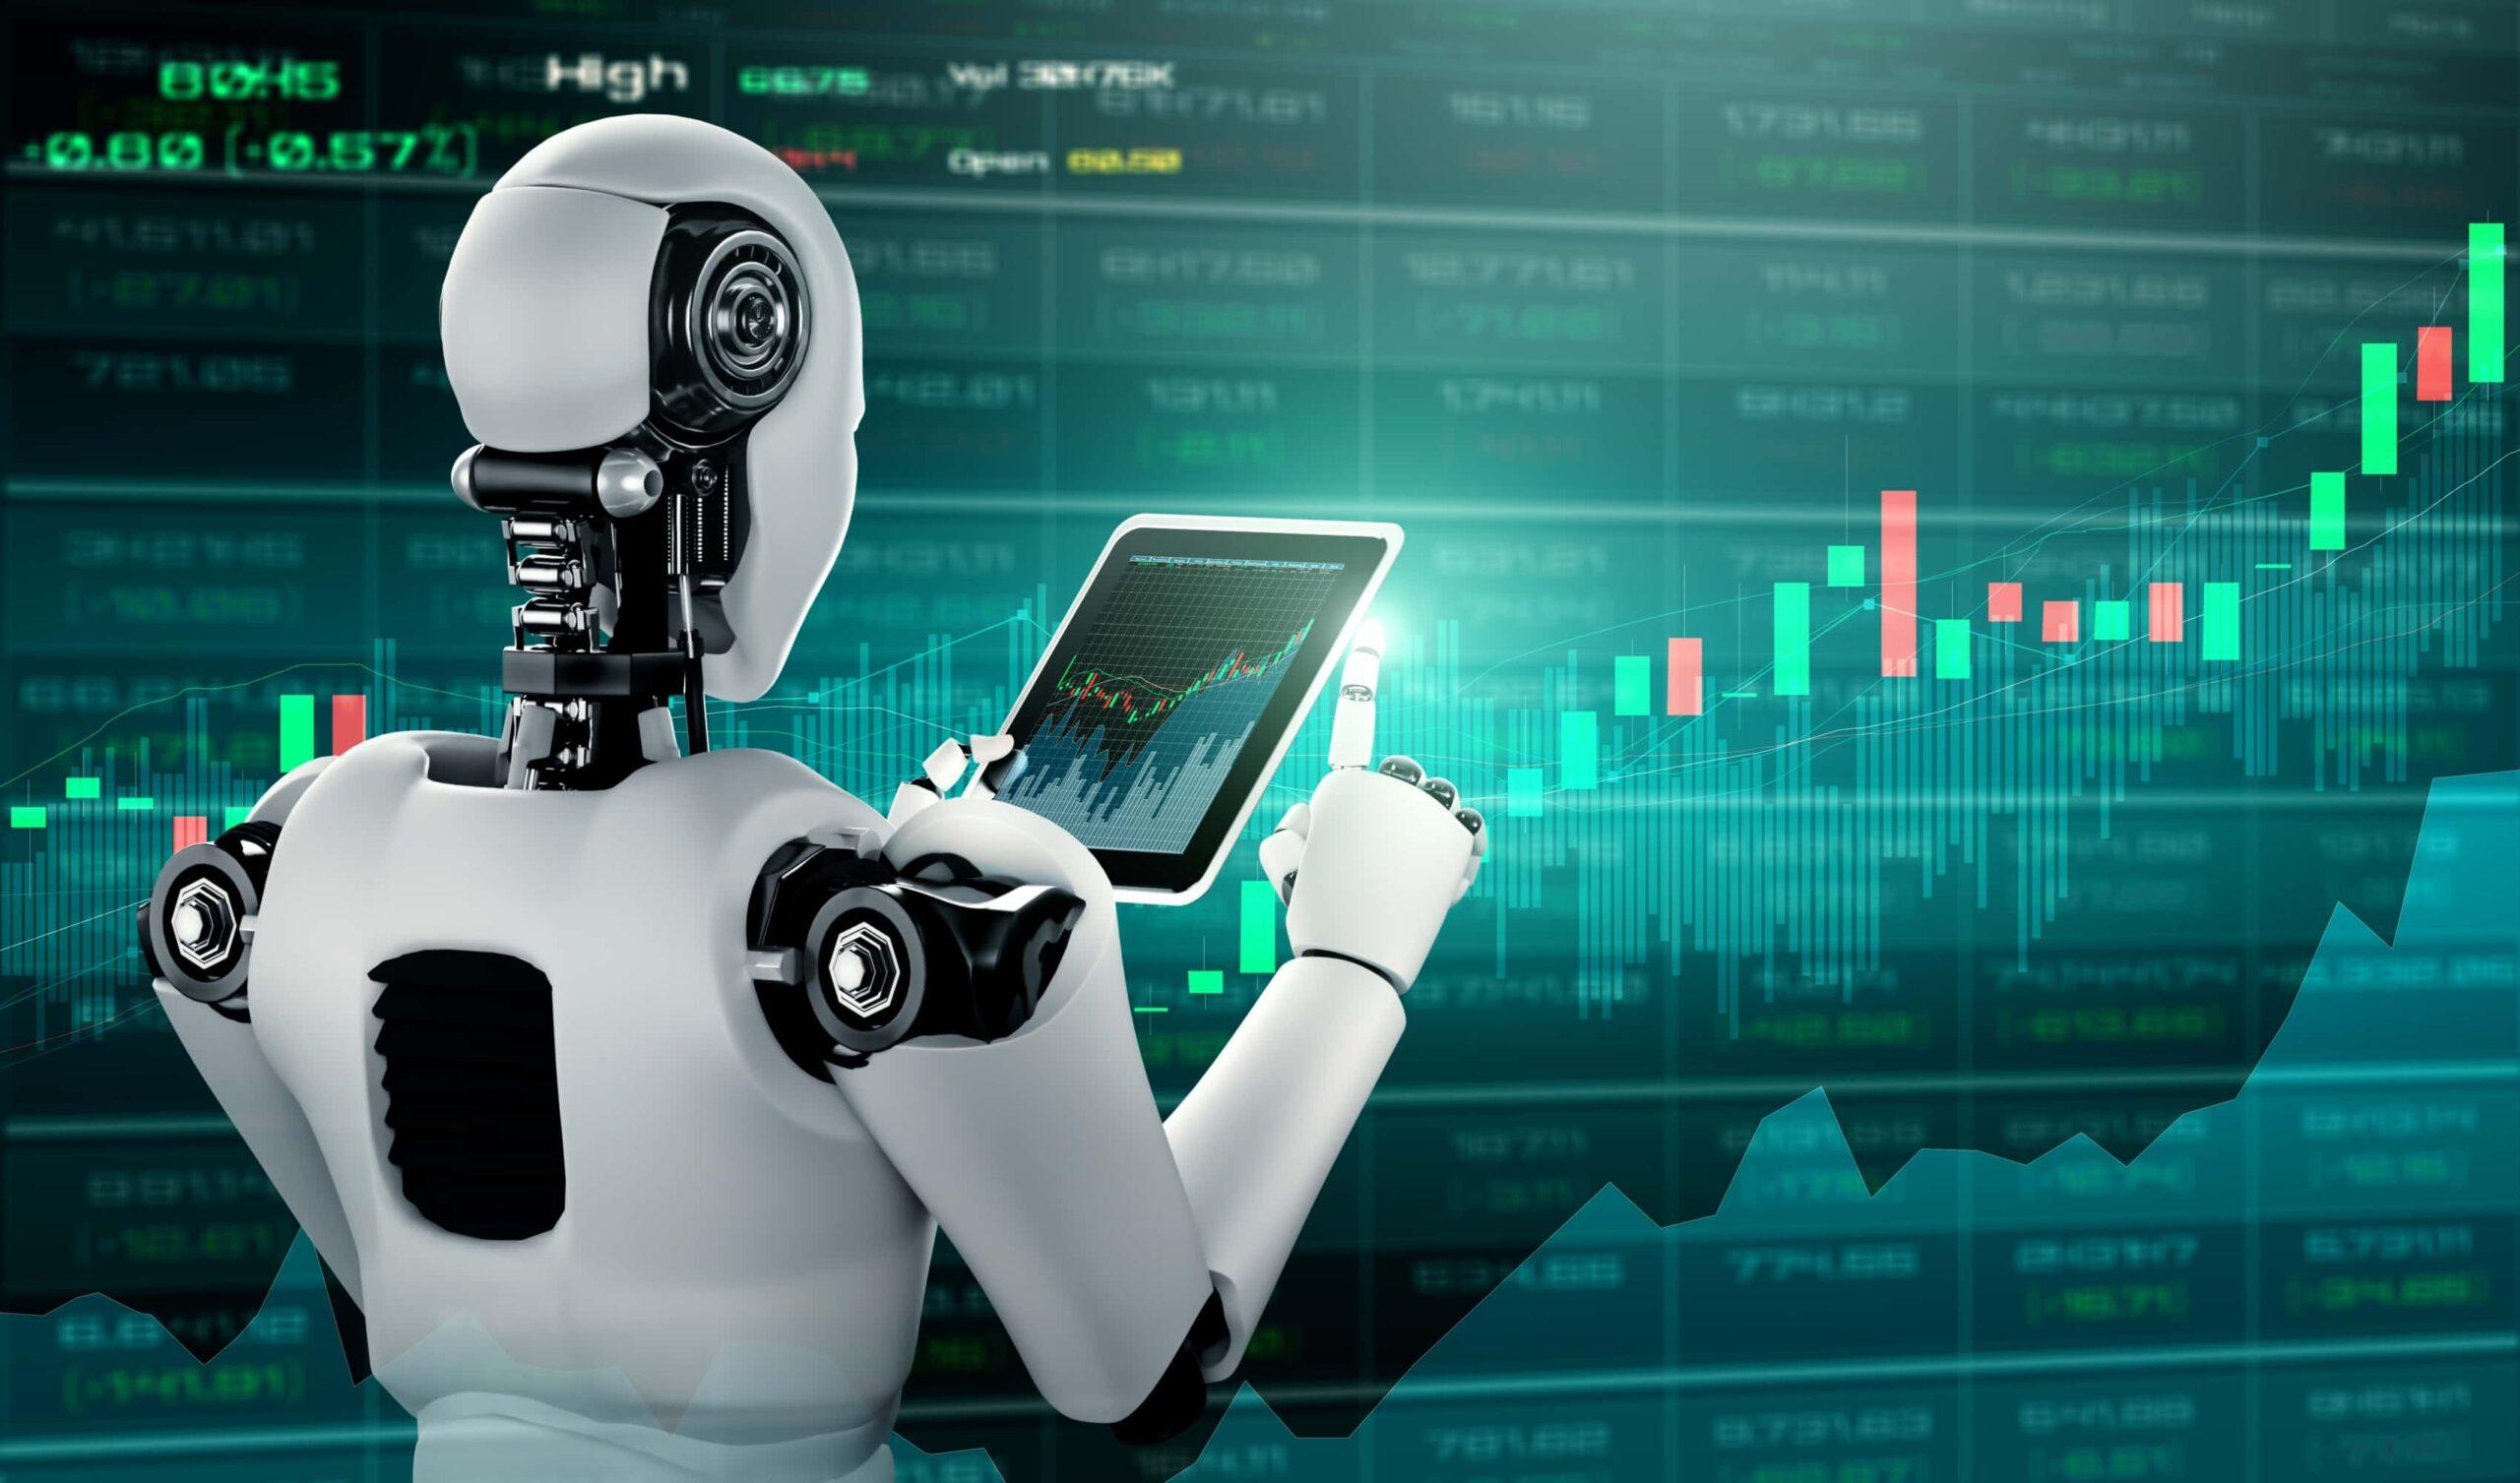 algo trading robot